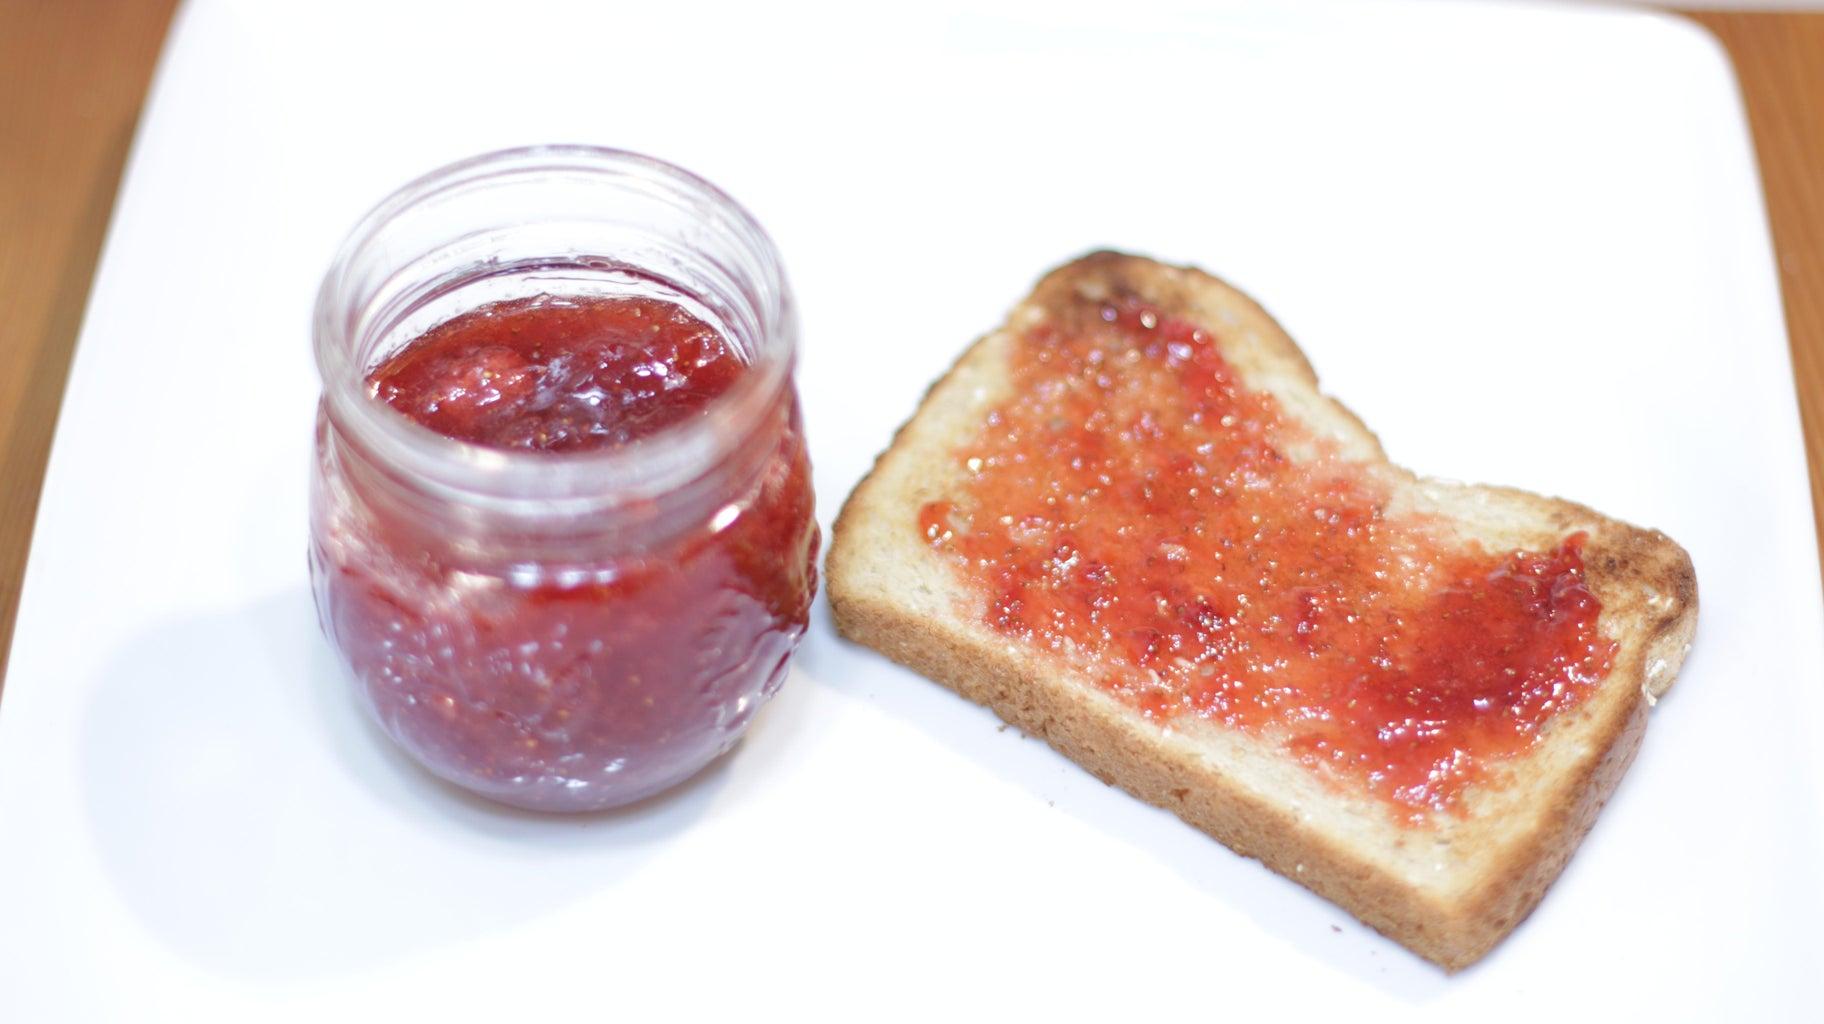 Serve the Jam